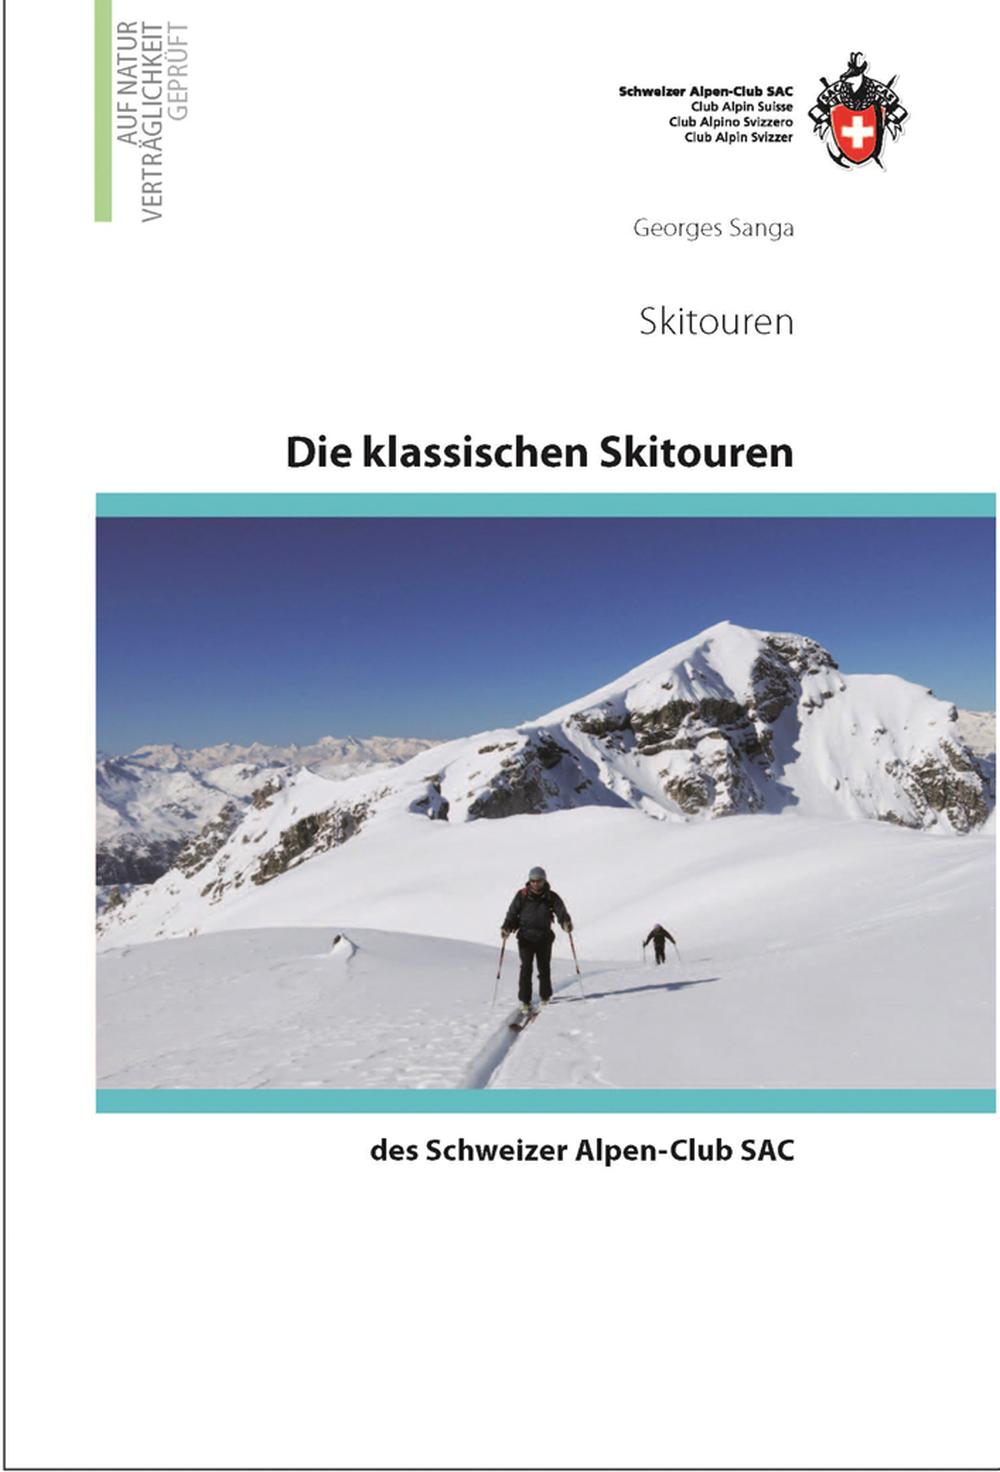 «Die klassischen Skitouren des Schweizer Alpen-Club SAC»